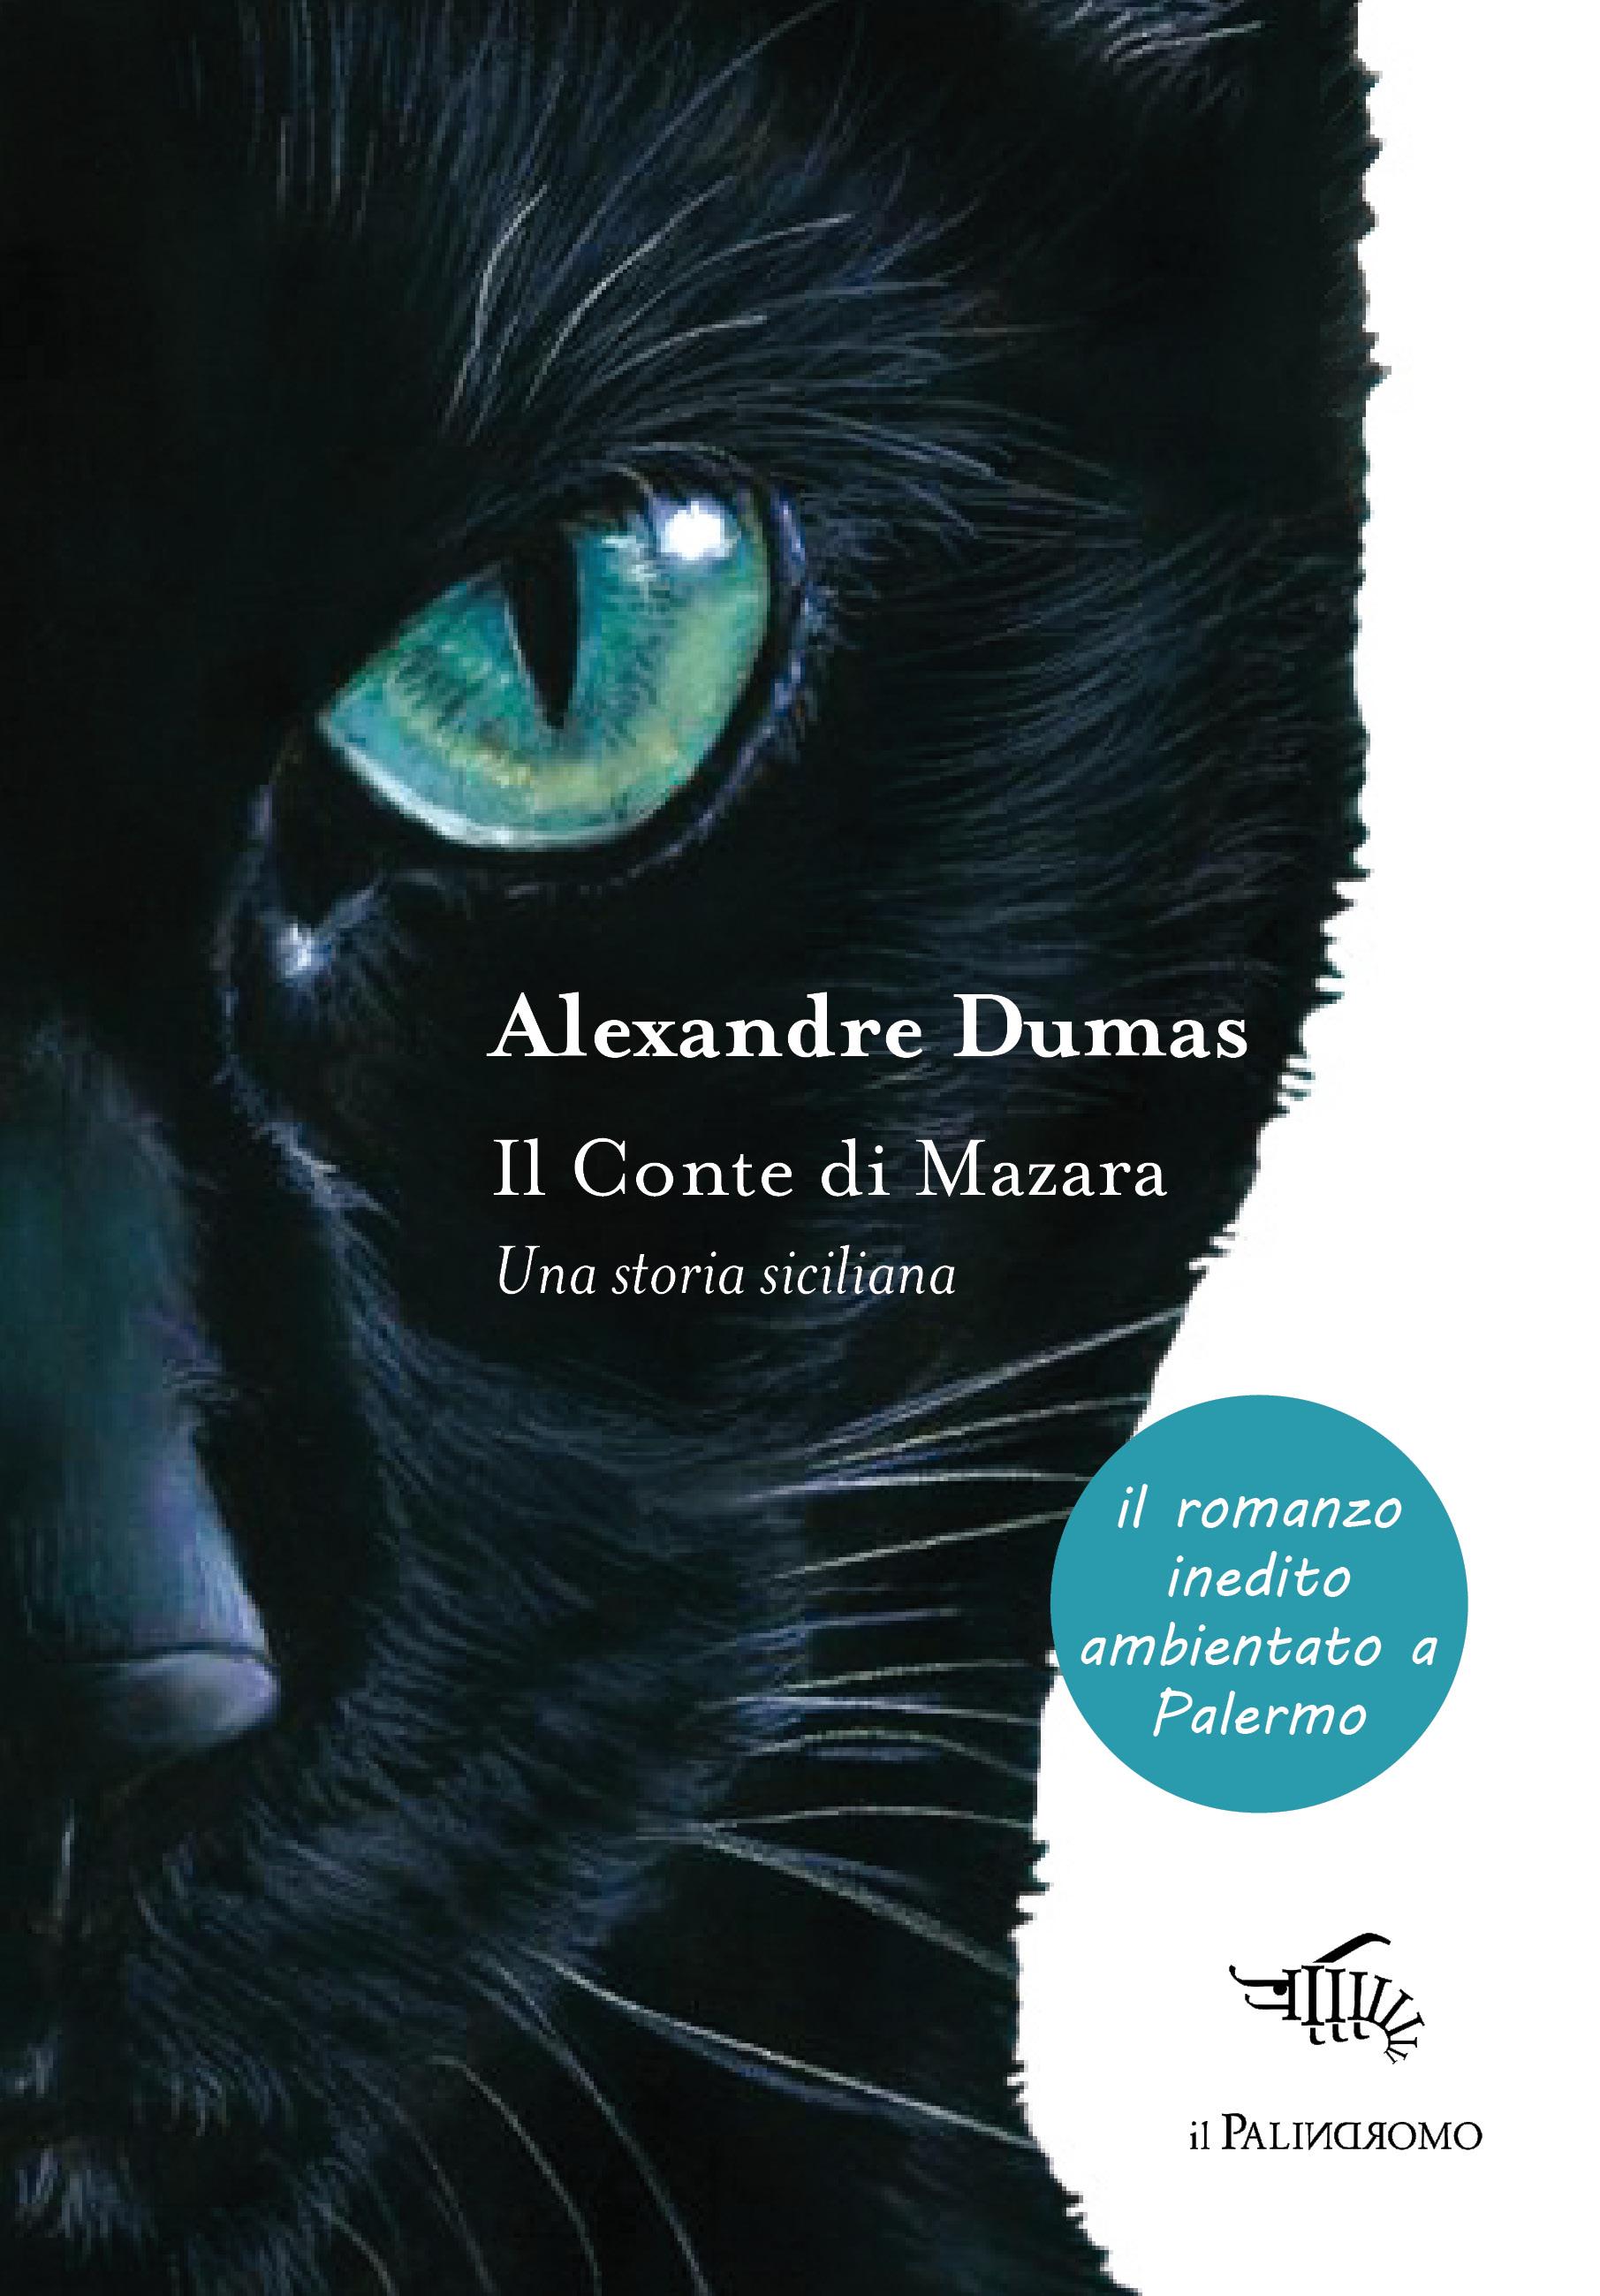 Autore: Alexande Dumas